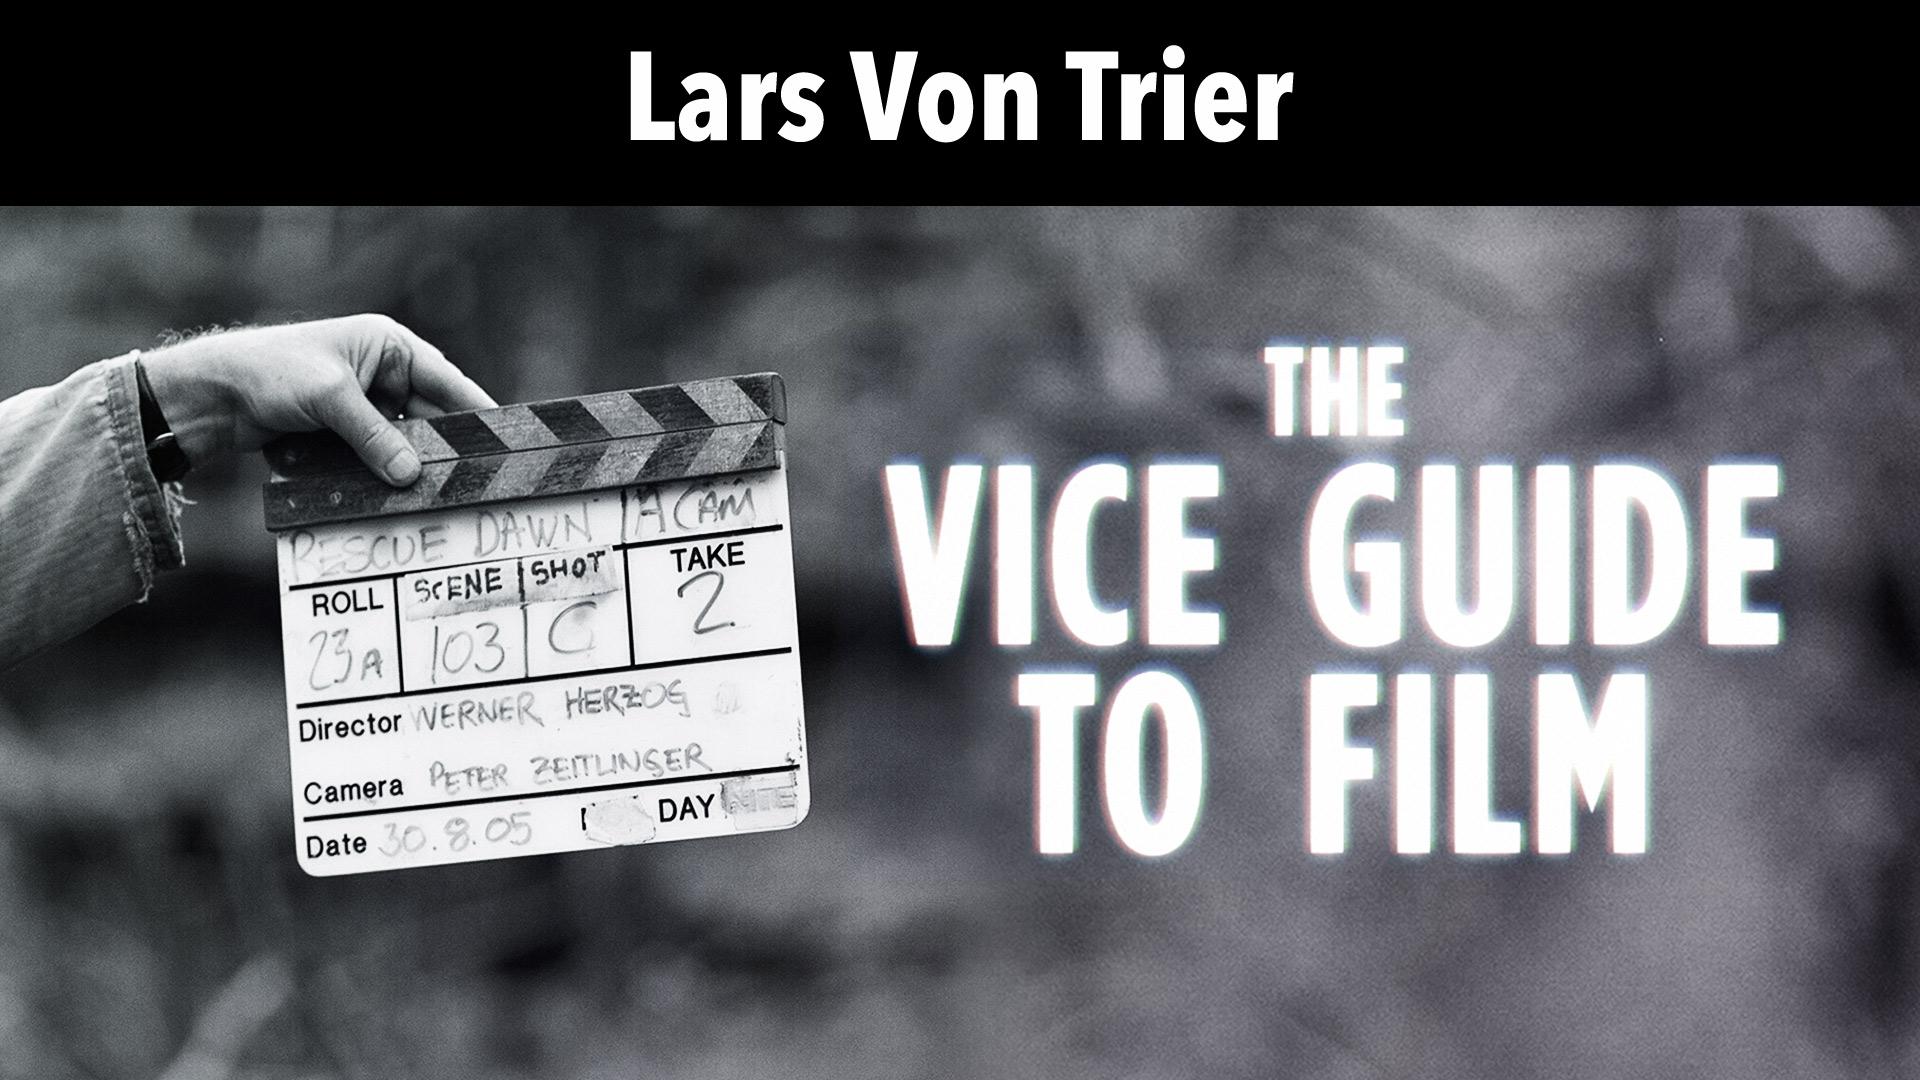 Lars Von Trier: Vice Guide To Film